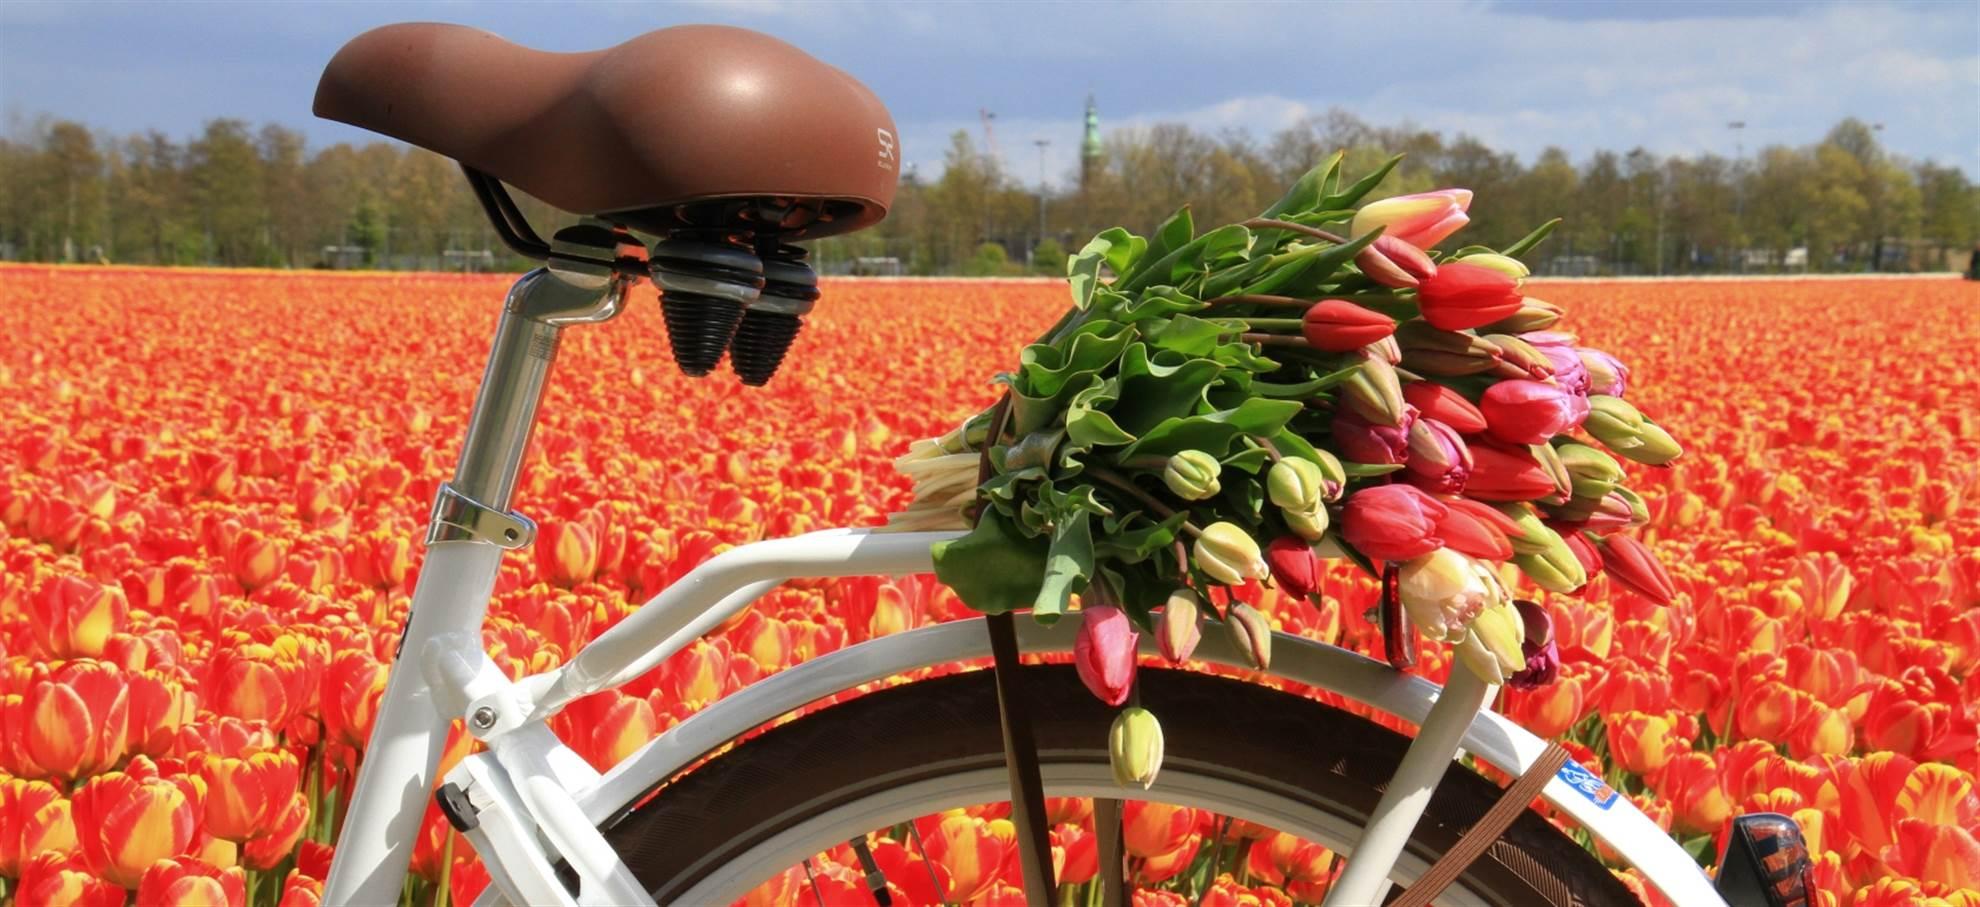 Прокат велосипедов в Лиссе (Кёкенхоф) + Аудиогид по цветочному полю